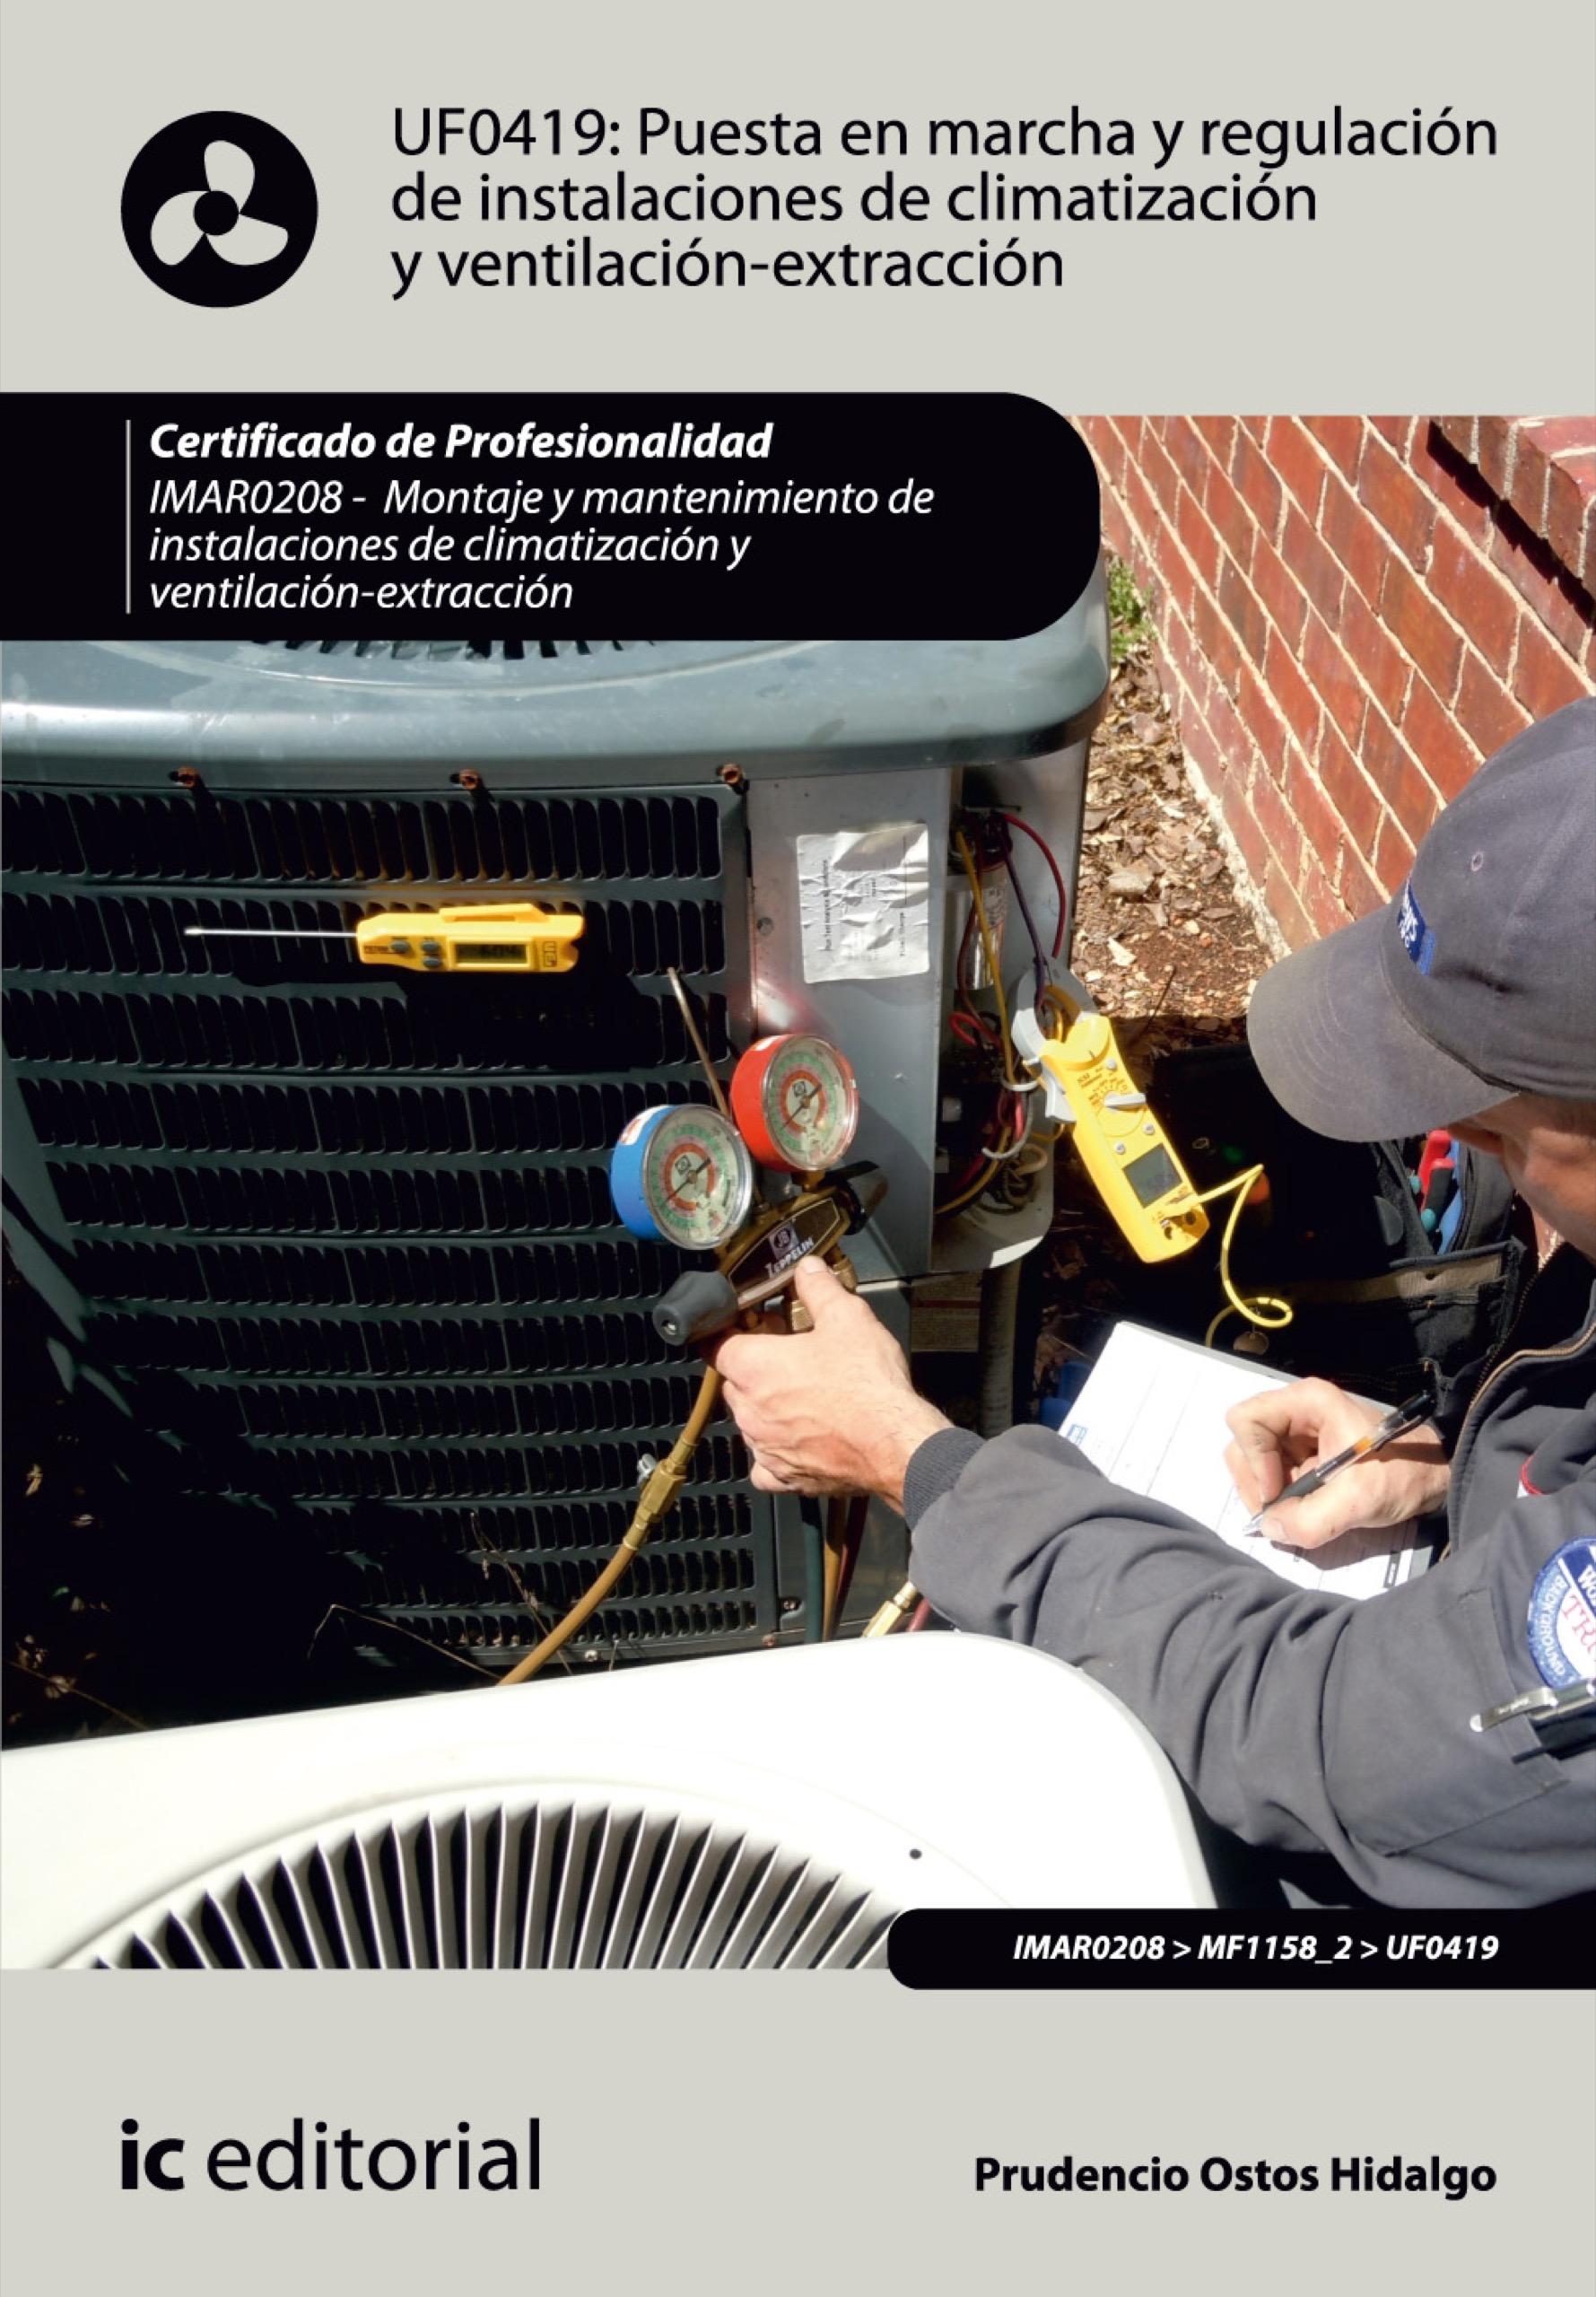 Puesta en marcha y regulación de instalaciones de climatización y ventilación-extracción. IMAR0208